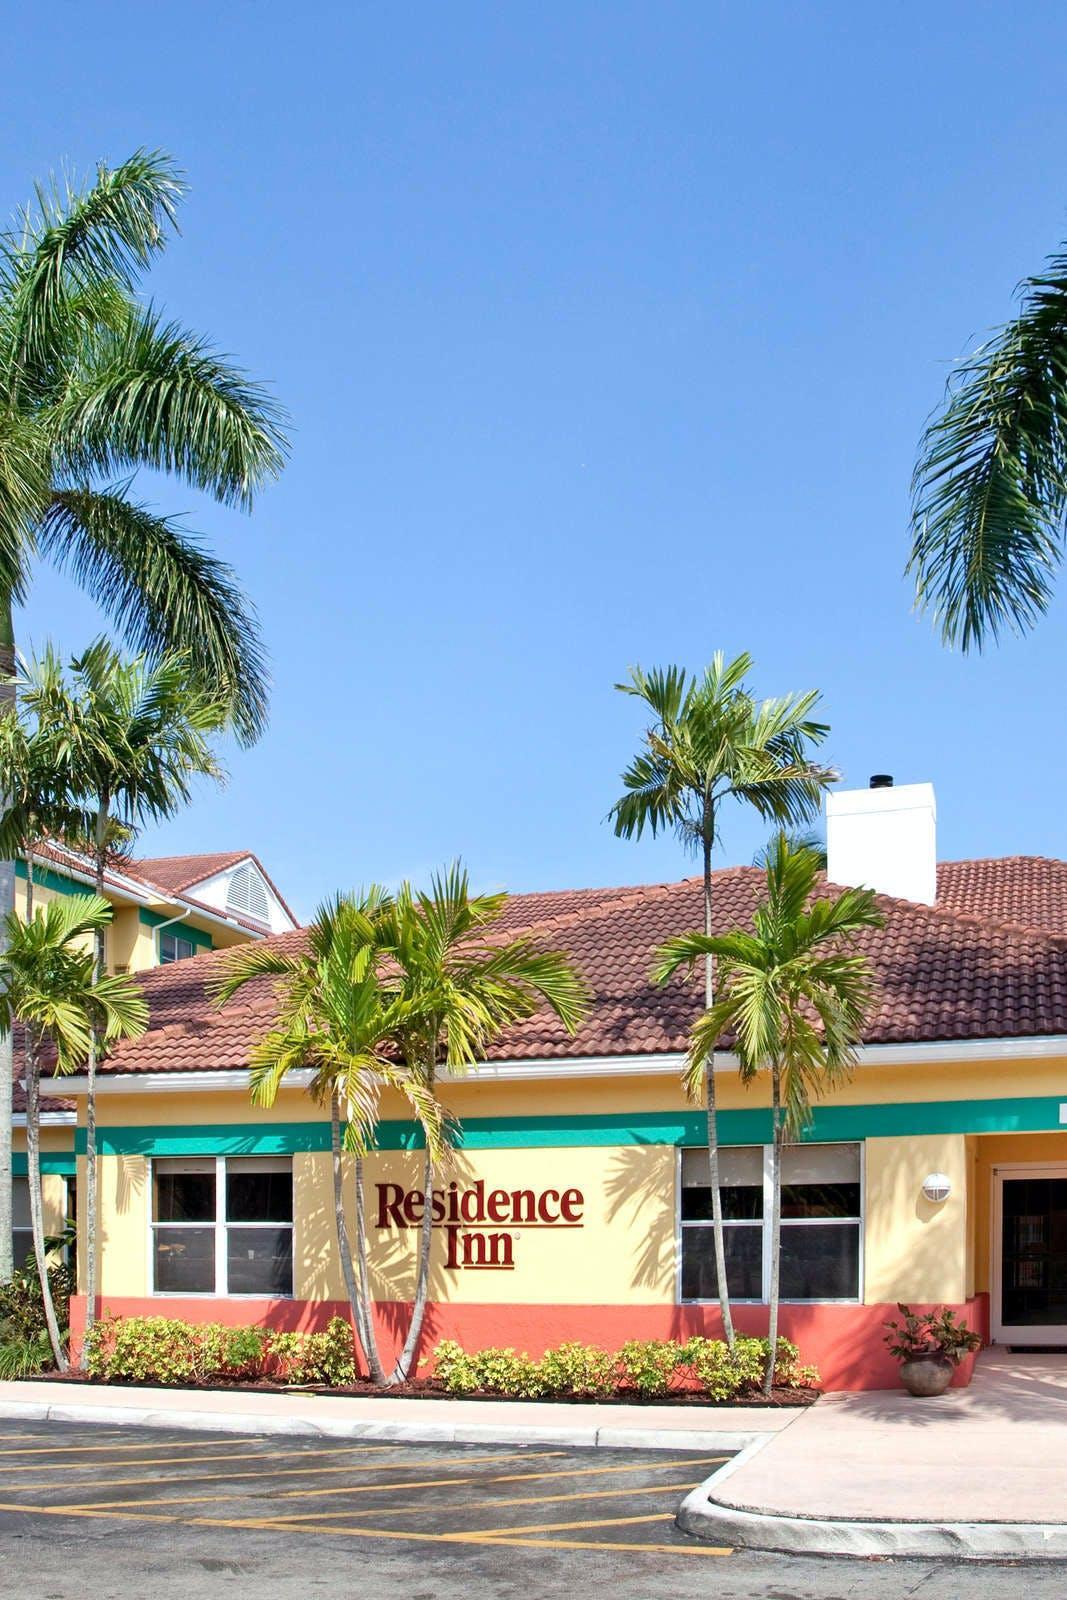 Residence Inn Ft Lauderdale Plantation